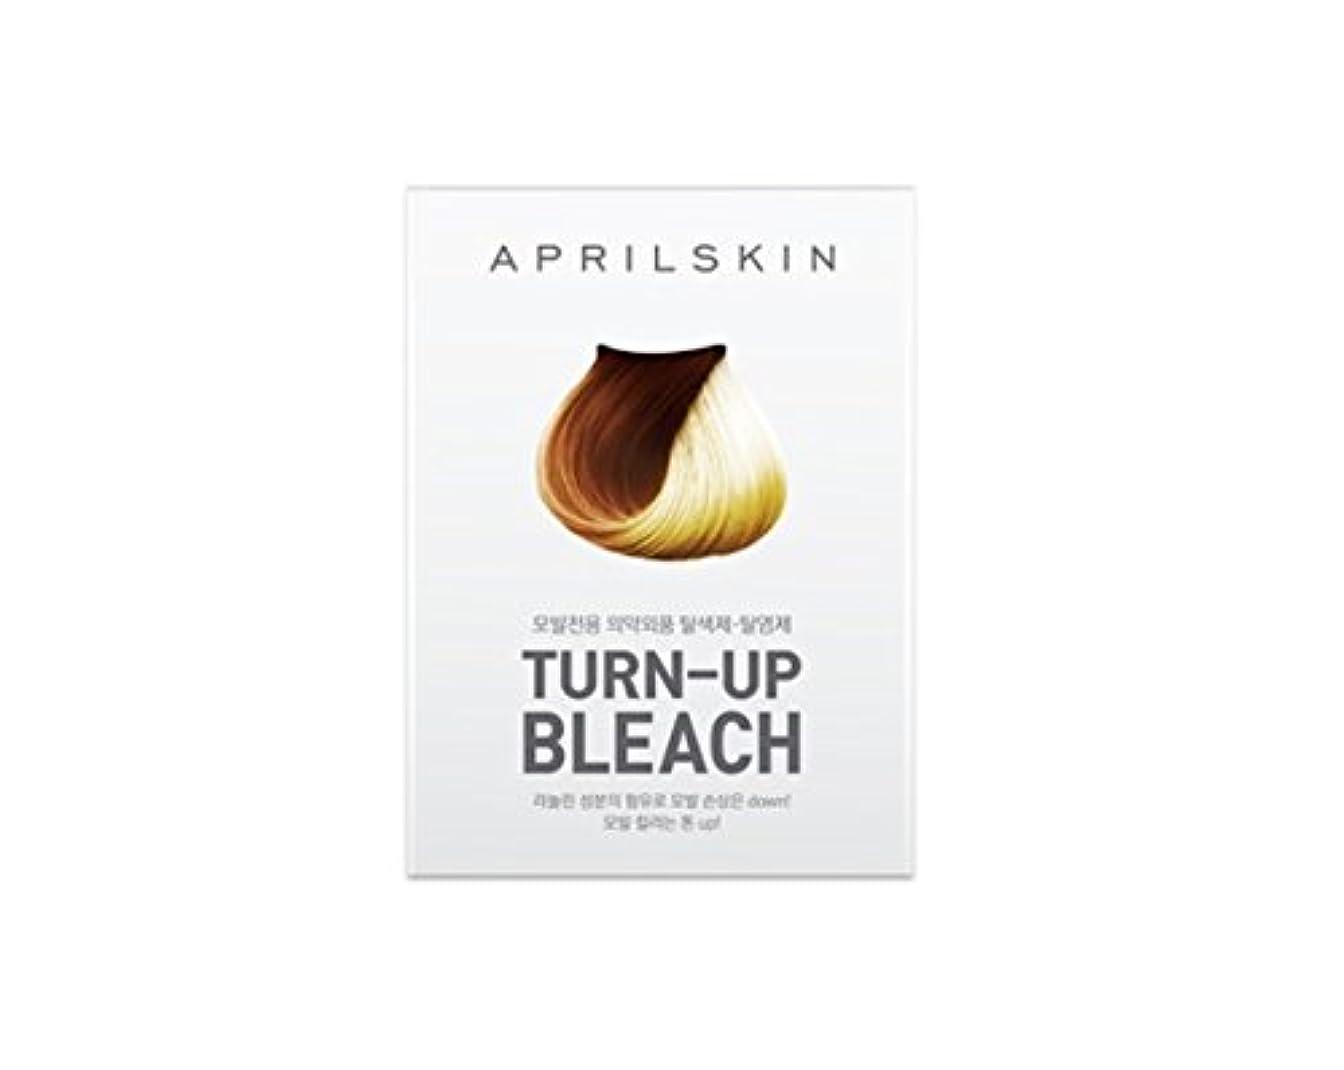 フィードバックきらめく願うエープリル?スキン [韓国コスメ April Skin] 漂白ブリーチ(ヘアブリーチ)Turn Up Bleach (Hair Bleach) [海外直送品]